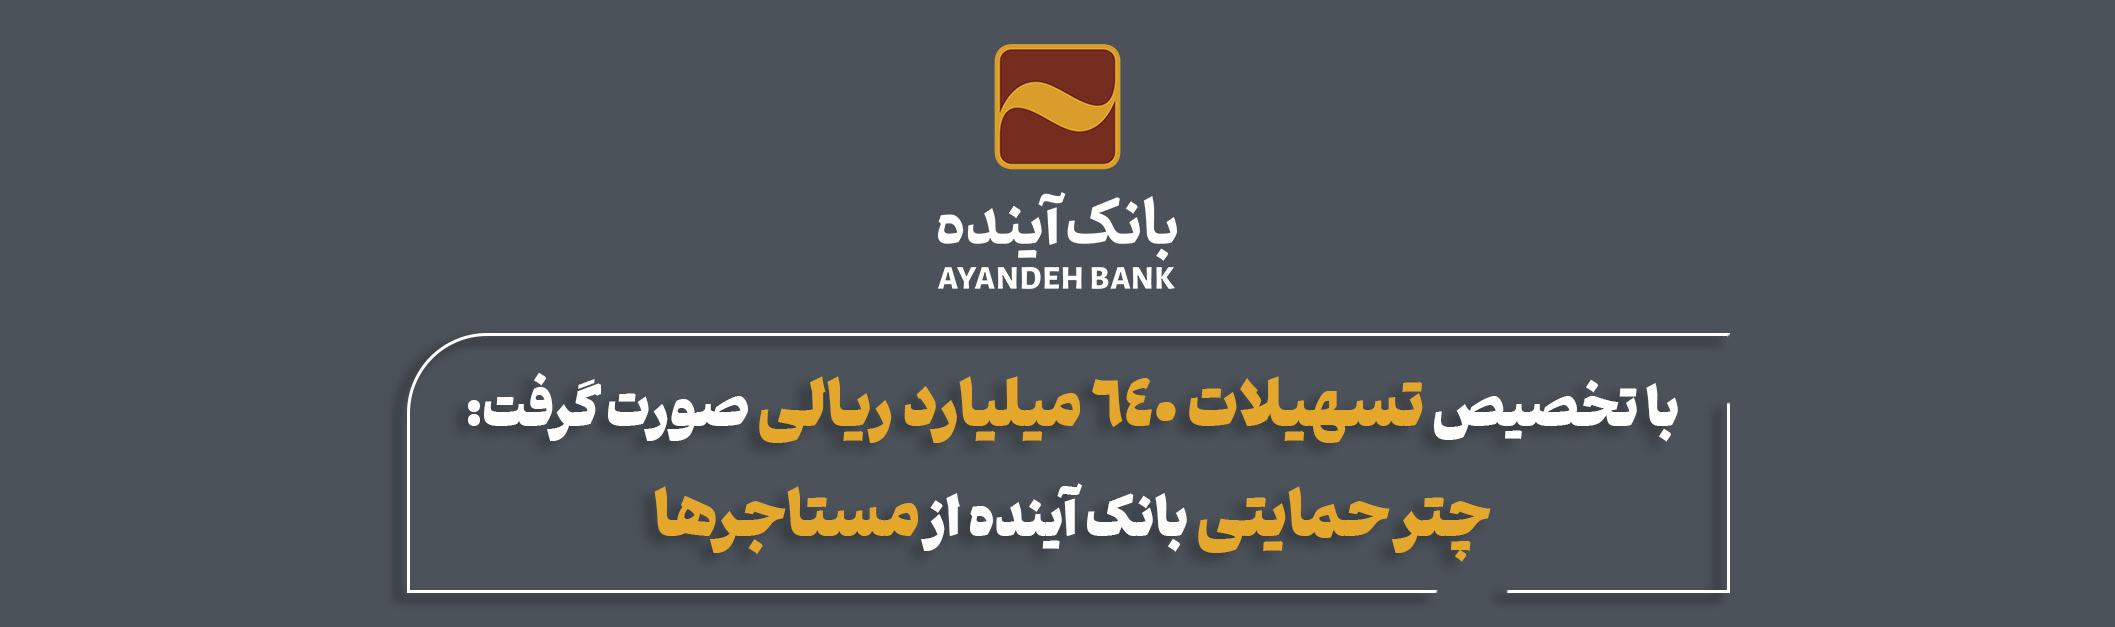 بانک آینده حامی